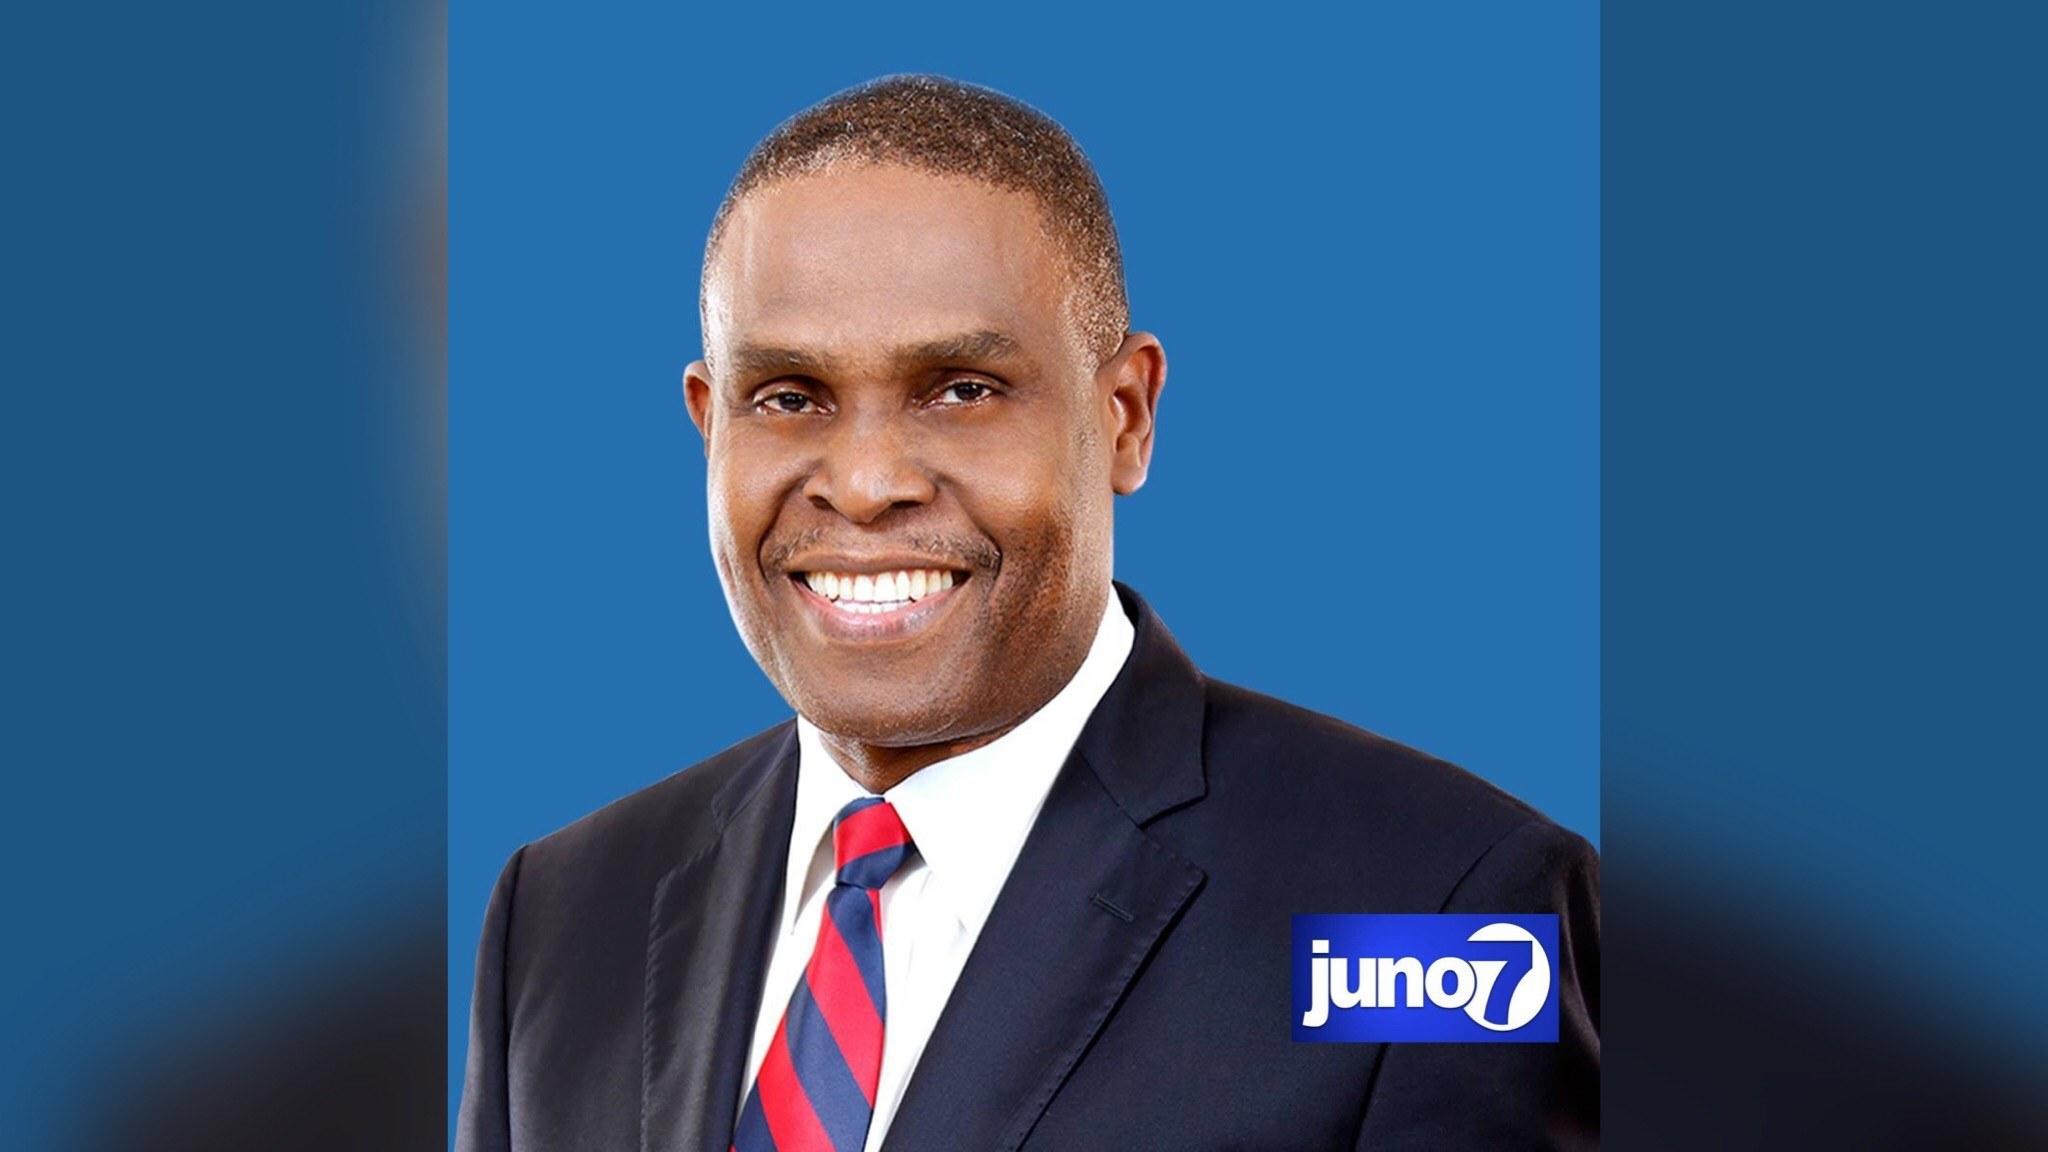 15 septembre 2018: Jean Henri Céant devint le 22è premier ministre d'Haïti